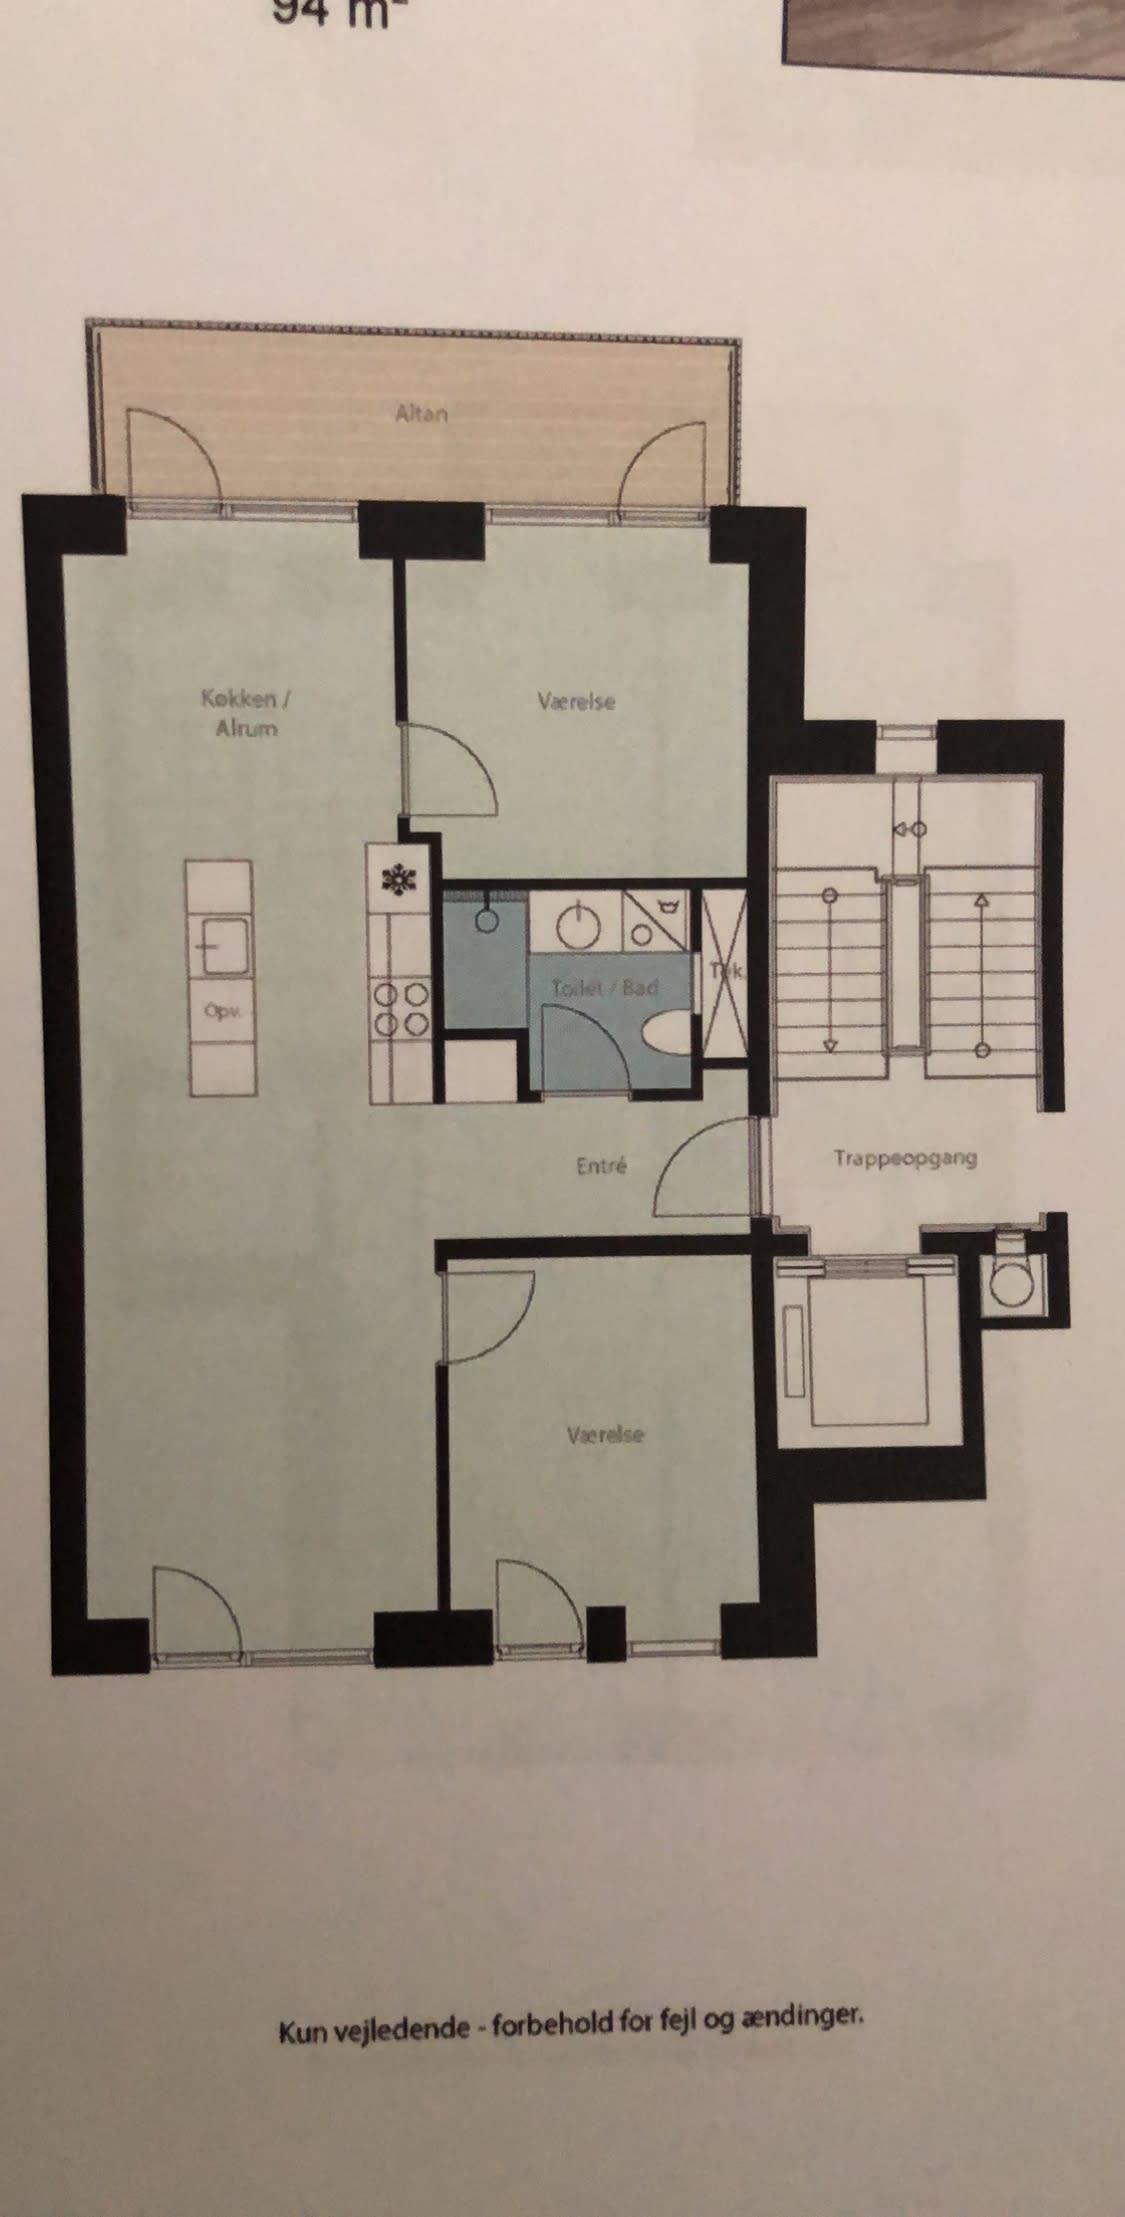 Lækker nybygget 92 kvm lejlighed med altan og to tagterrasser, perfekt til par/single